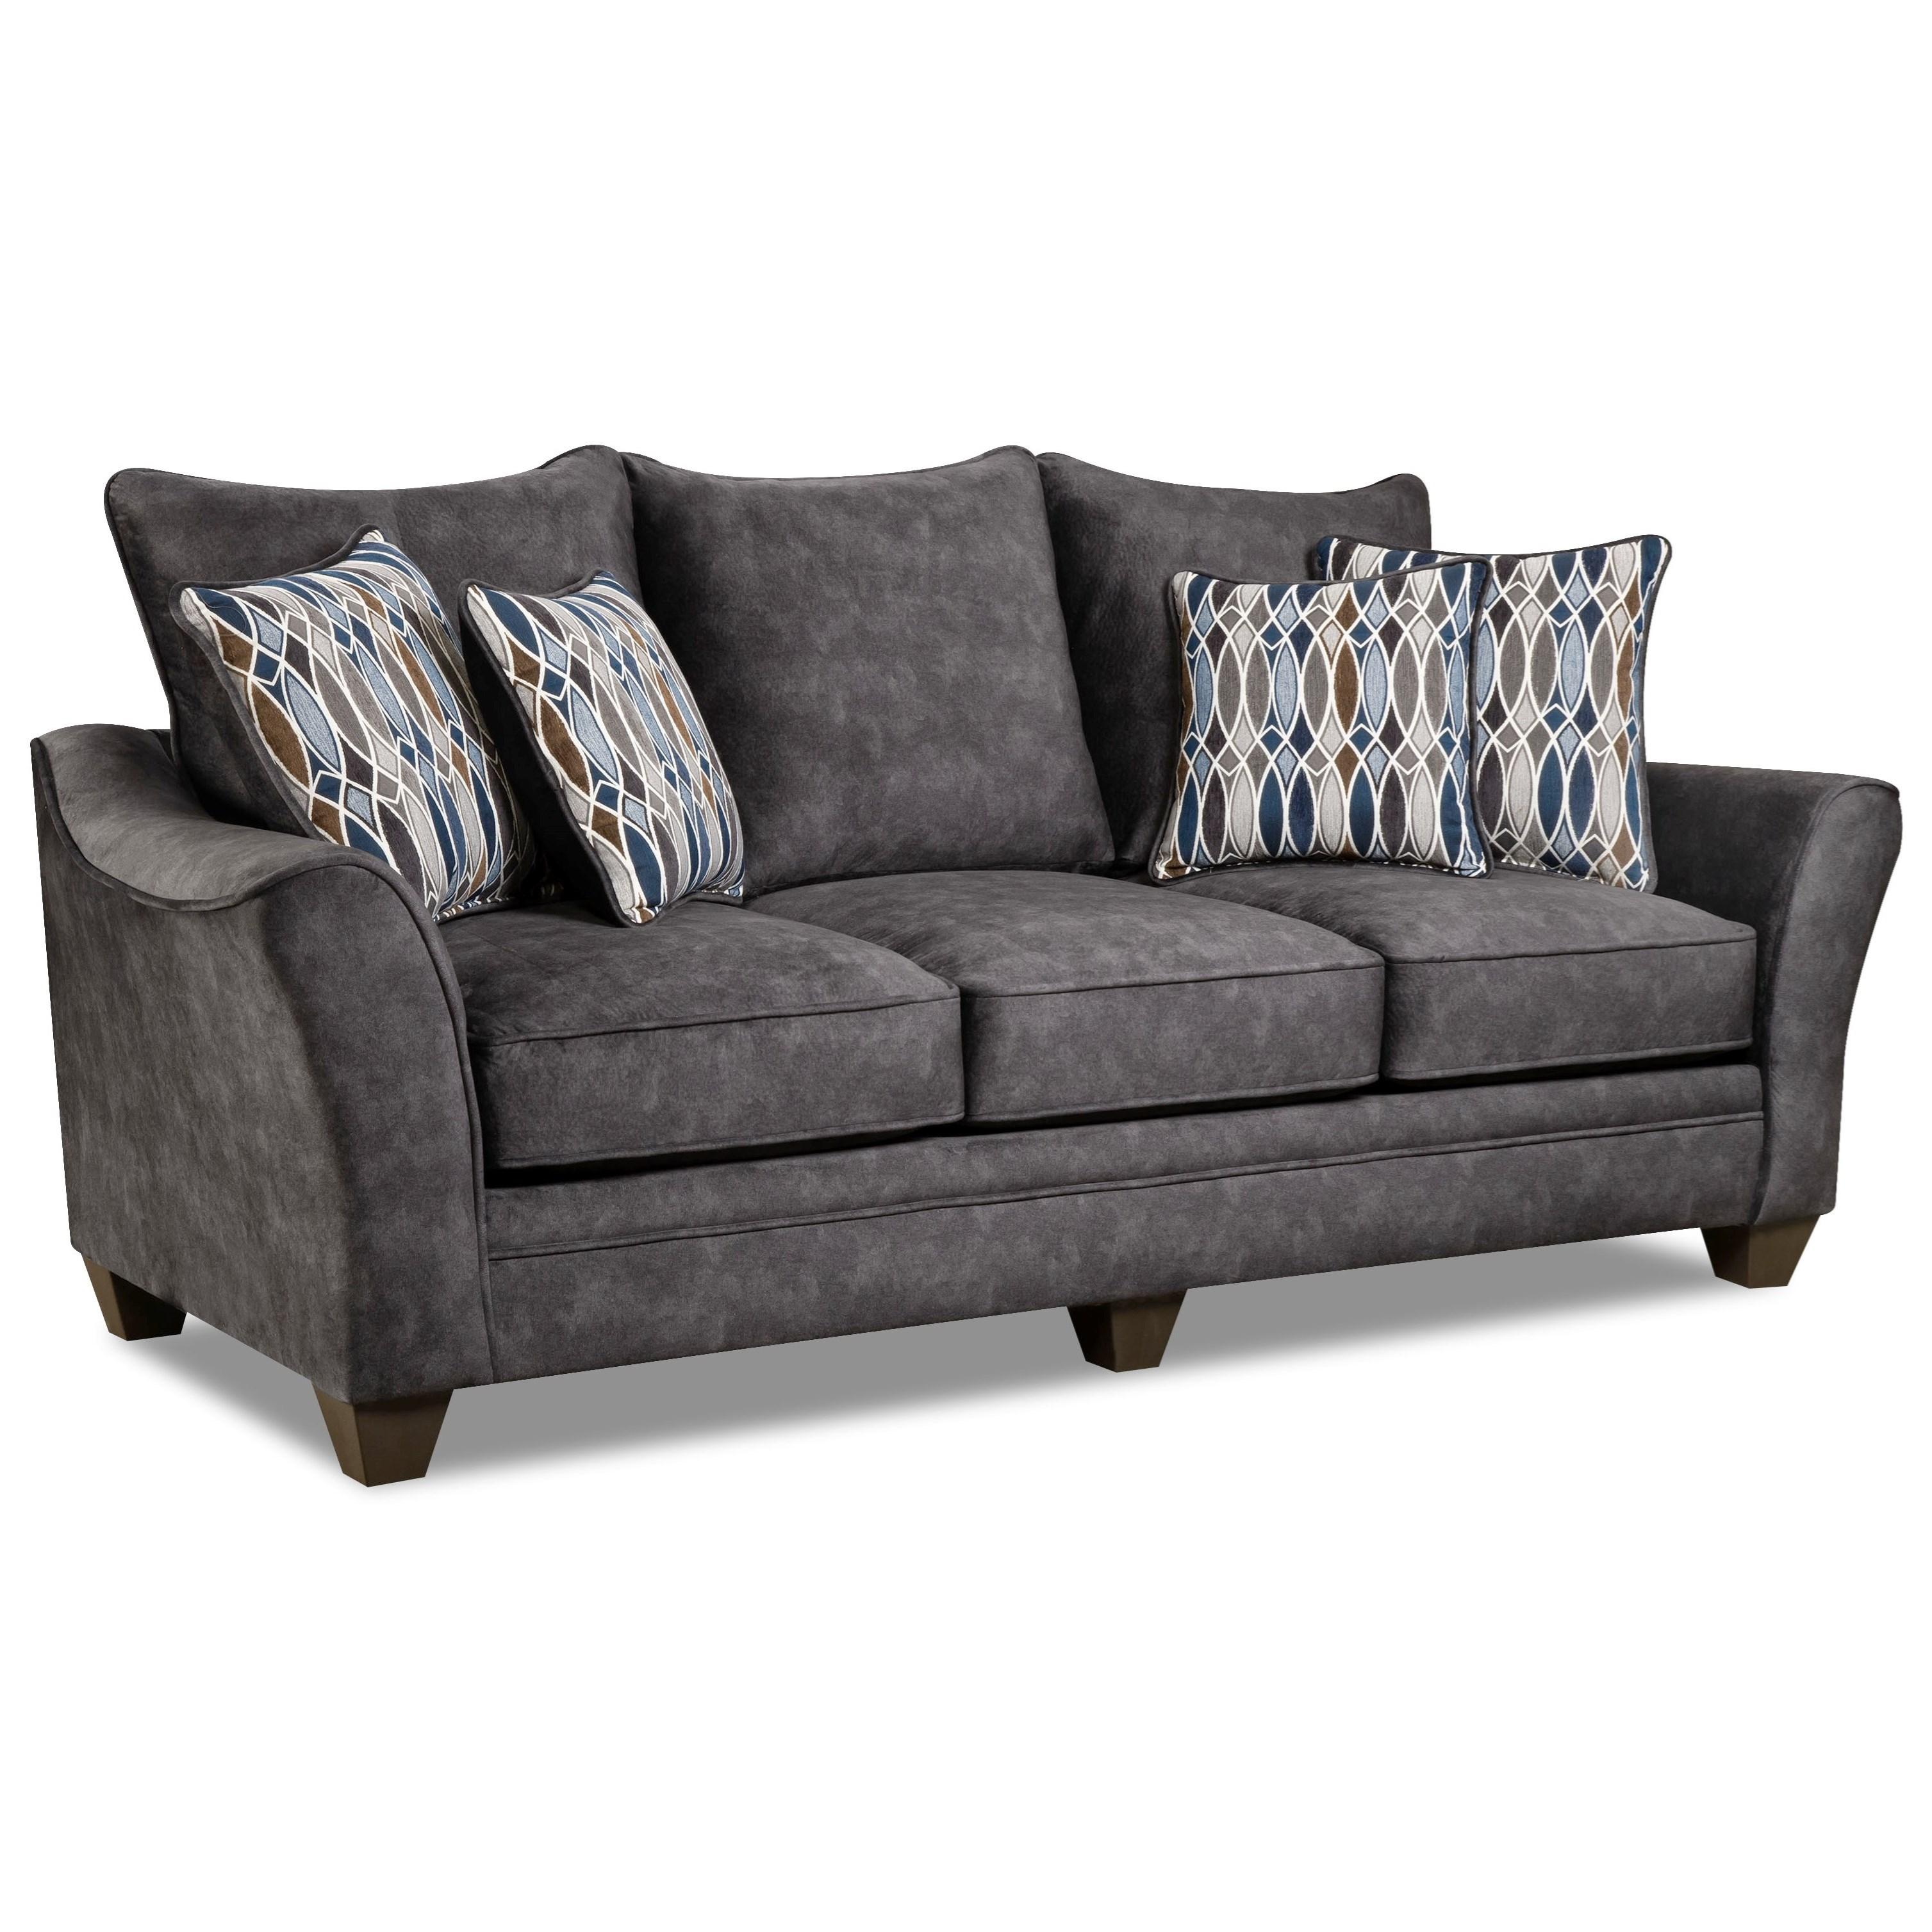 American Furniture 3850 Sofa - Item Number: 3853-Athena-Grey